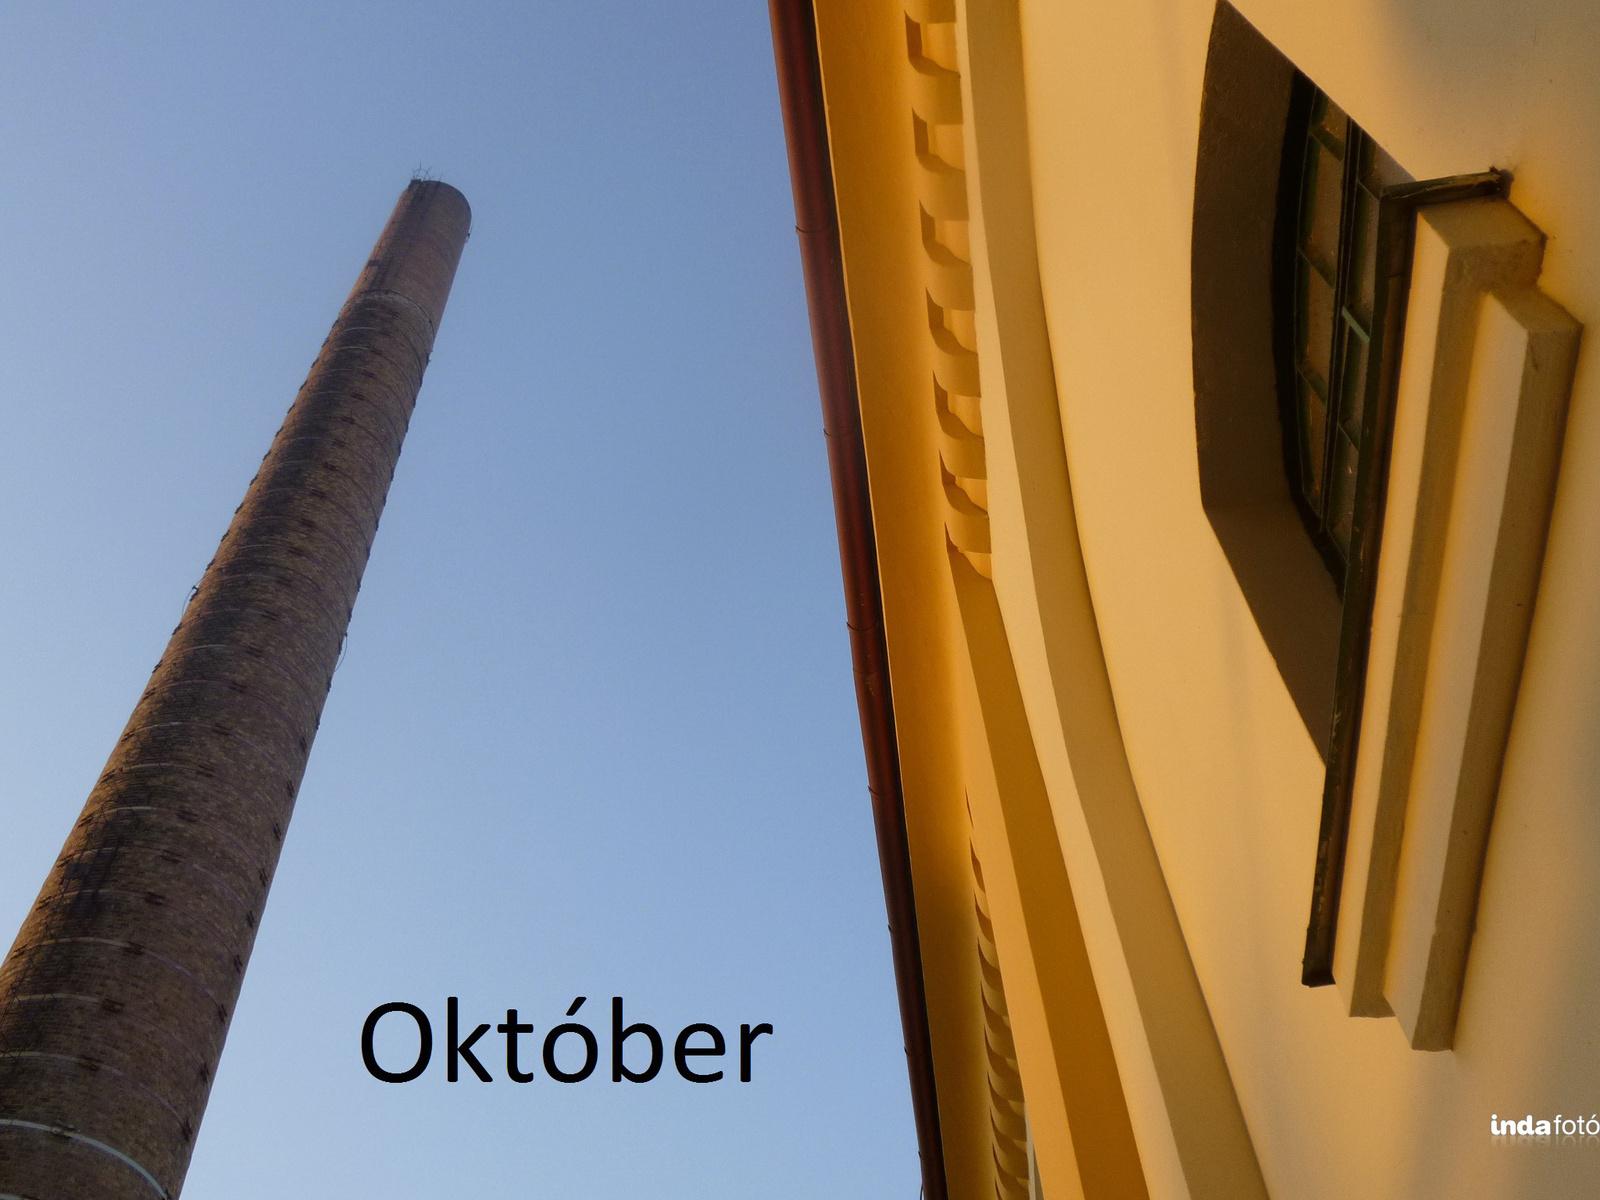 fovarosiblog oktober indafoto 2048x1536